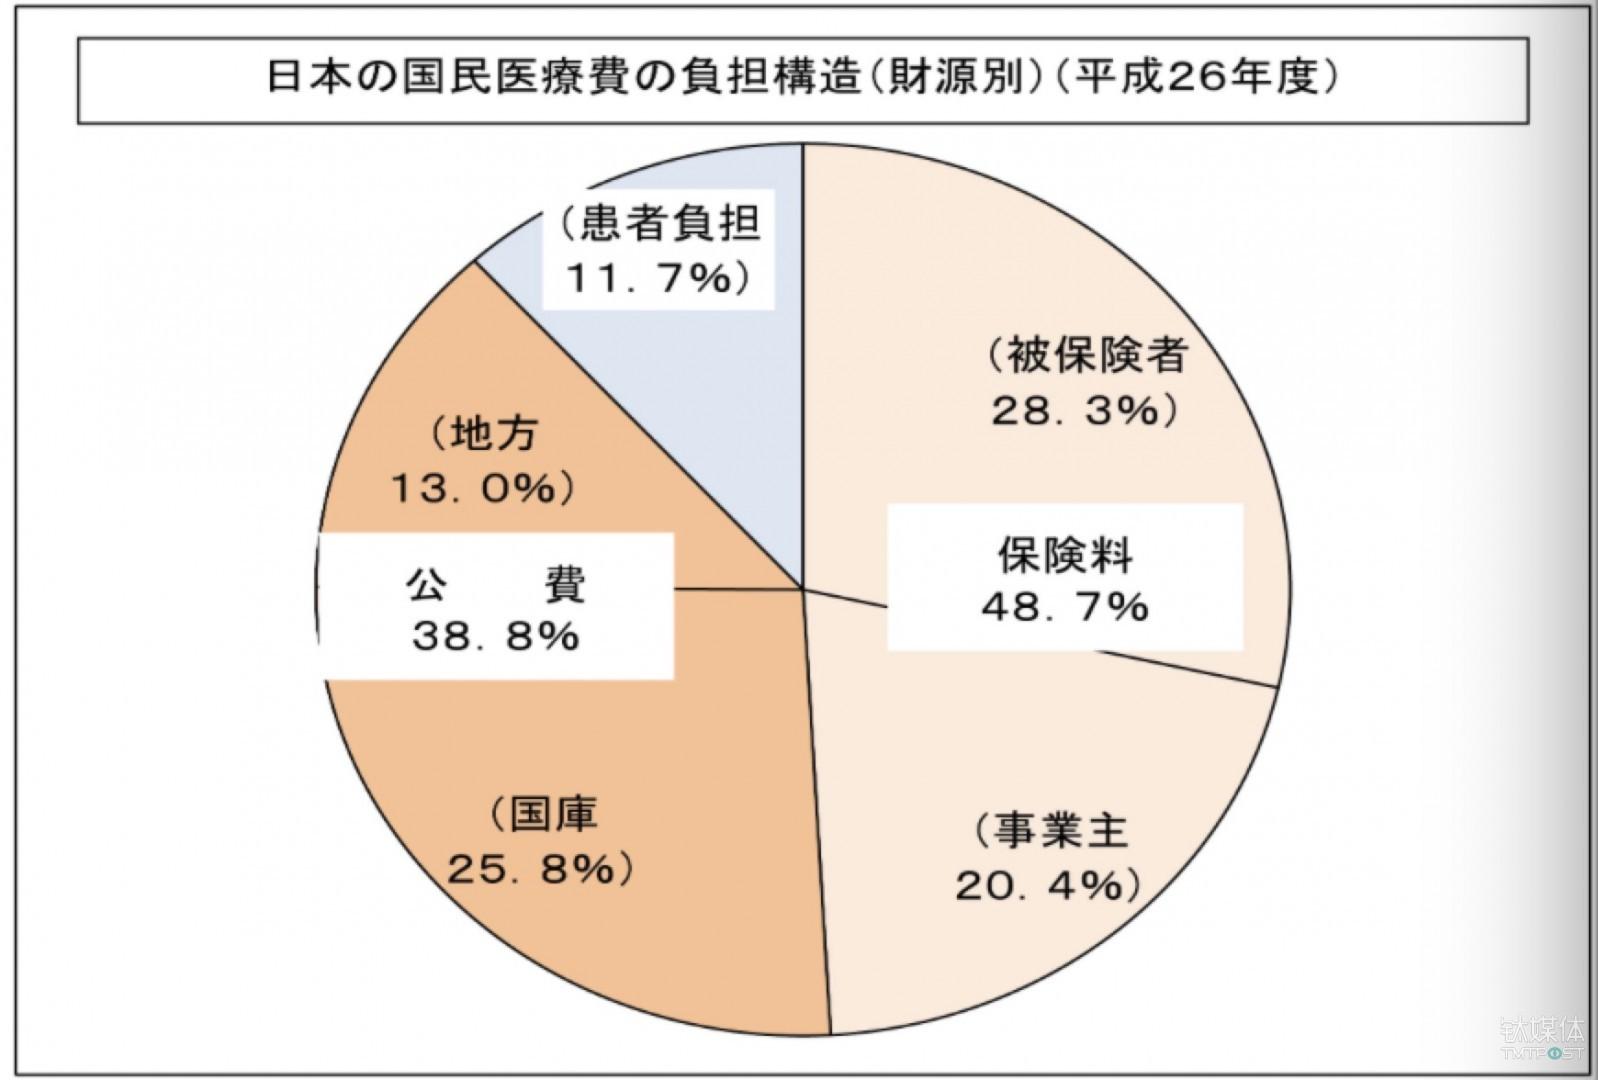 《药神》引发的医保热,能从日本的医疗体系中冷静一下吗?